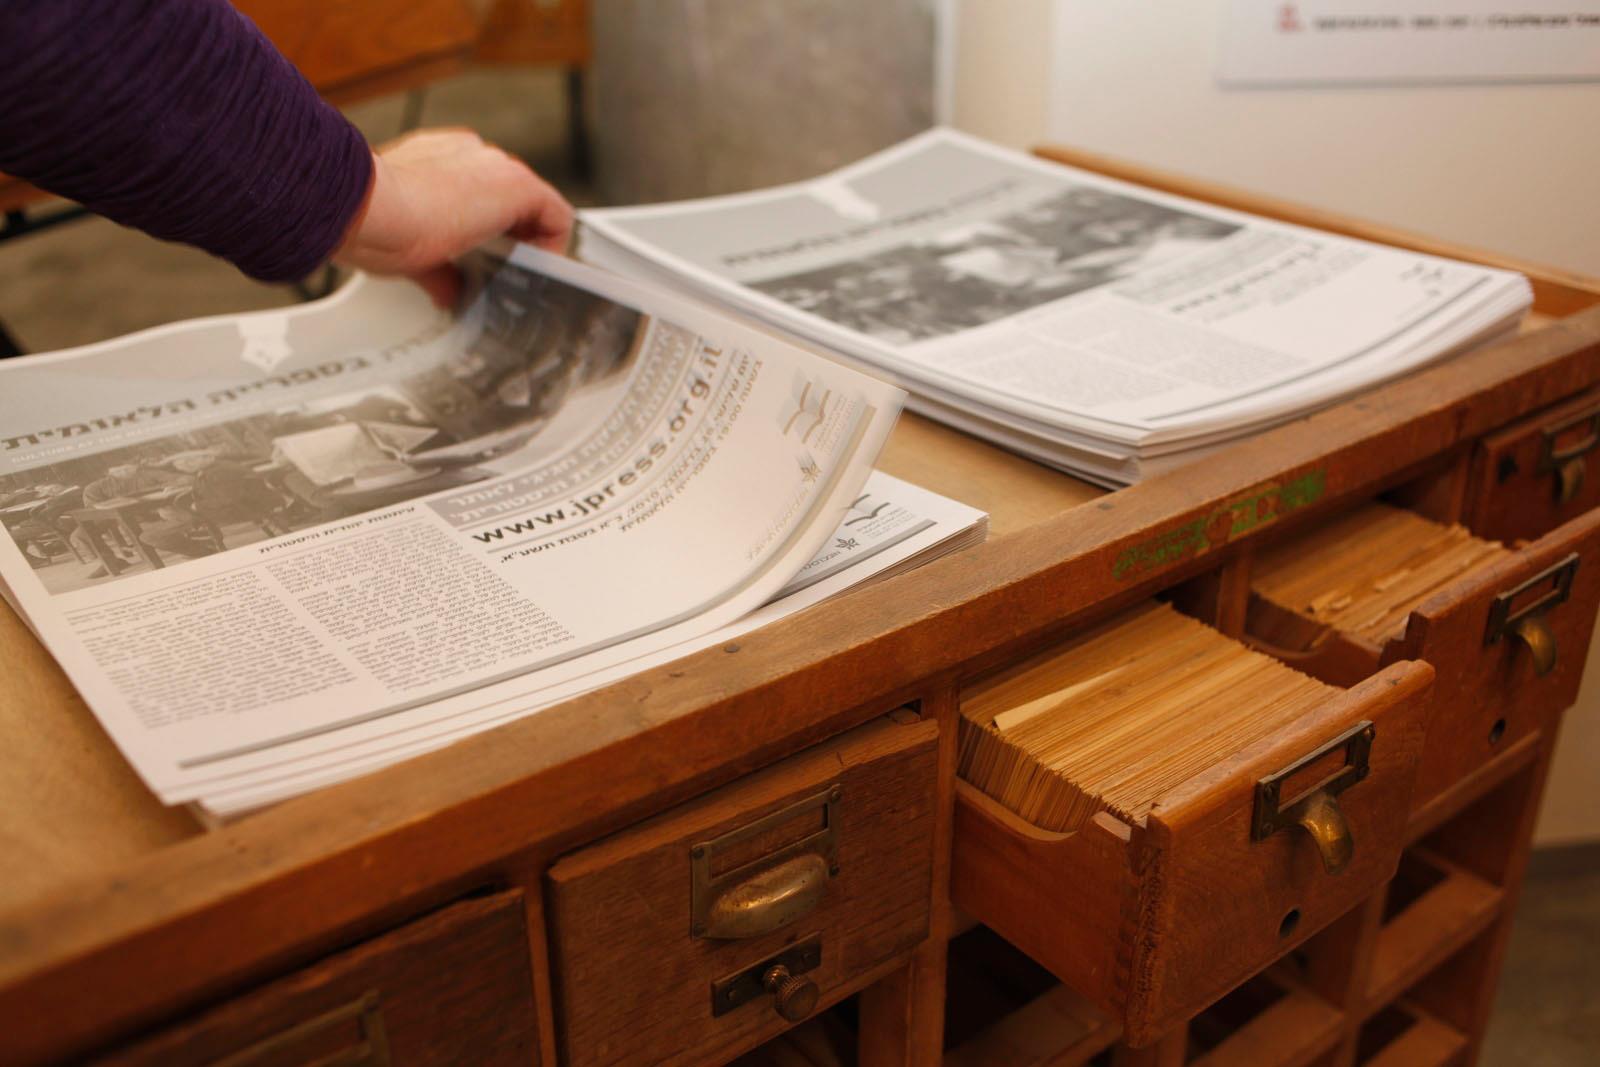 הספרייה הלאומית - תמונת רקע